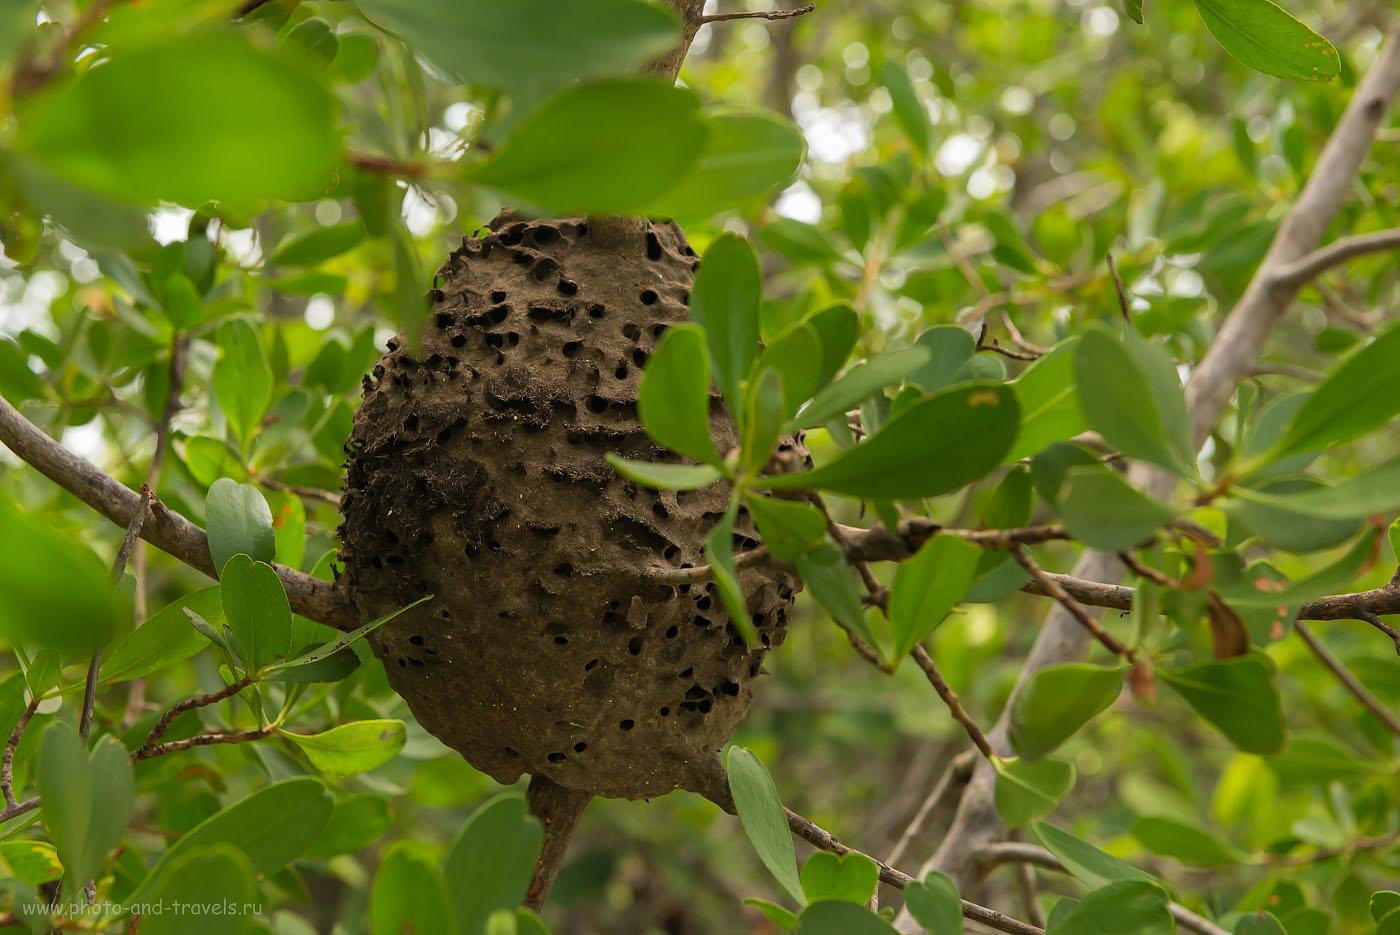 Фото 22. Осиное гнездо в мангровых зарослях около Khao Daeng Viewpoint. Отчеты туристов об отдыхе в Таиланде в феврале. (Камера Nikon D610 body, объектив Nikkor 24-70/2.8 с поляриком Hoya HD Circular-PL. Настройки: ИСО 1250, ФР=70, F=8.0, выдержка 1/160)